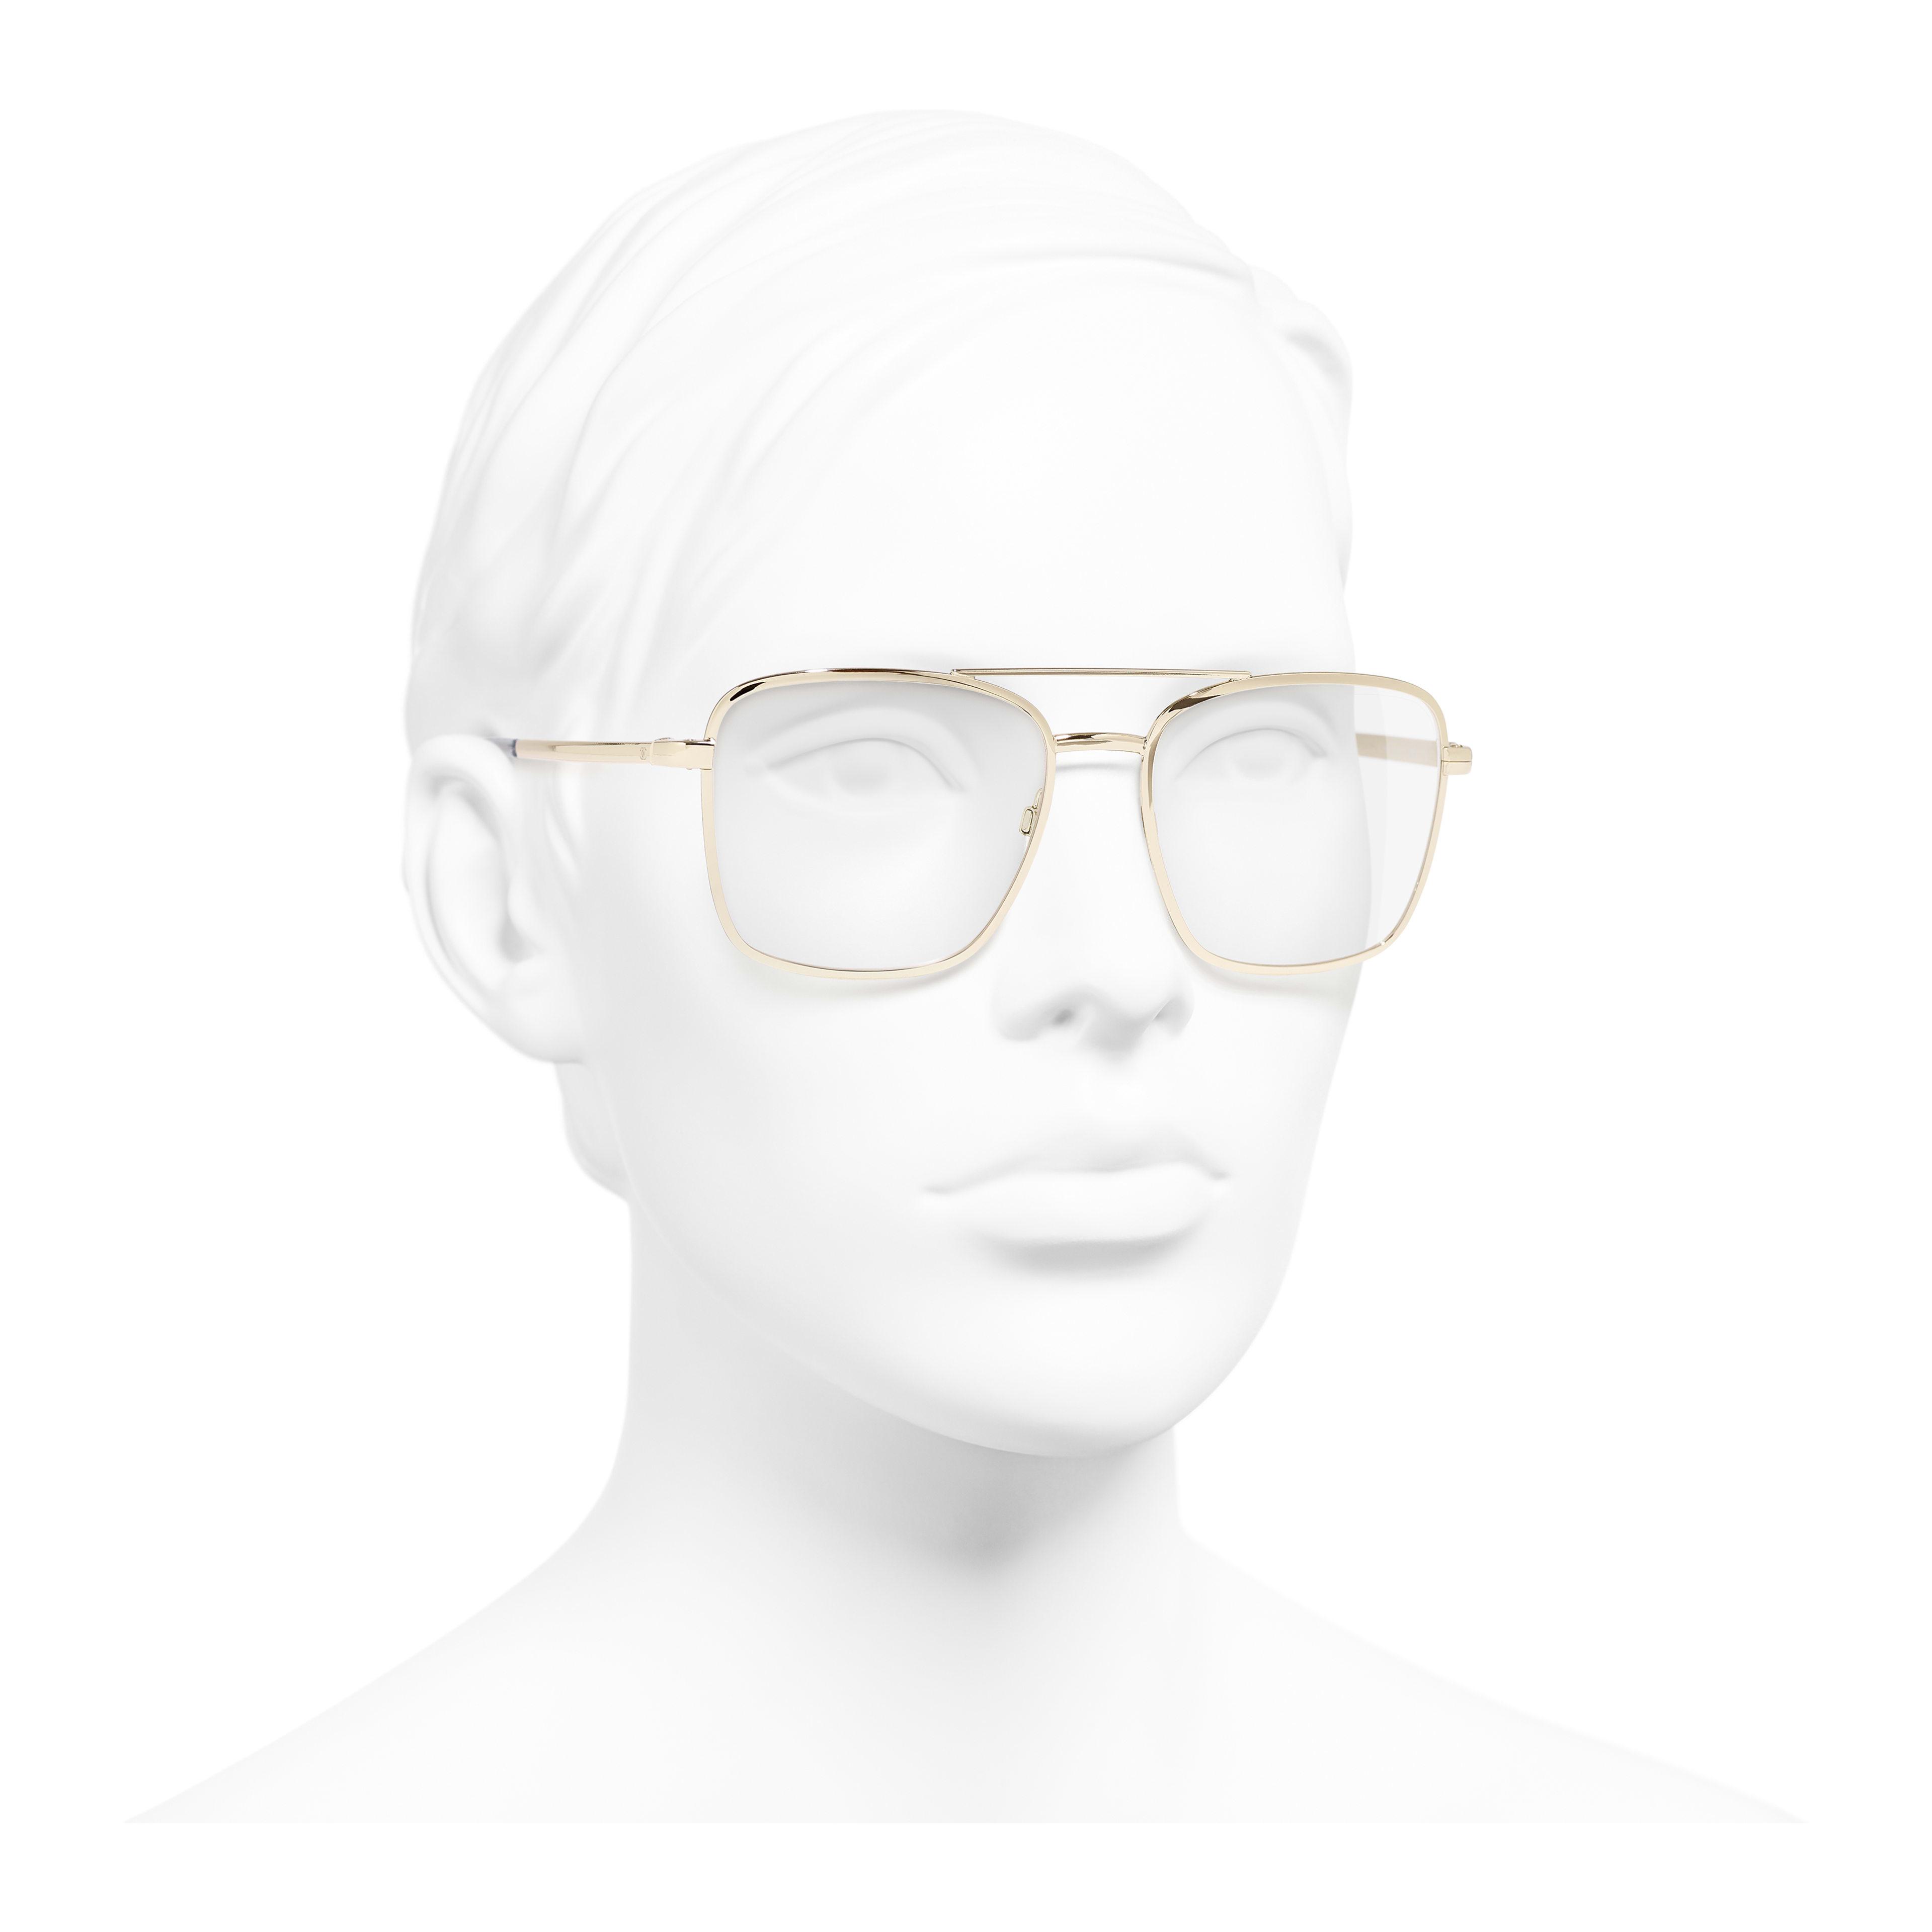 飛行員眼鏡 - 金 - 金屬 - 配戴時的3/4側面視圖 - 查看全尺寸版本